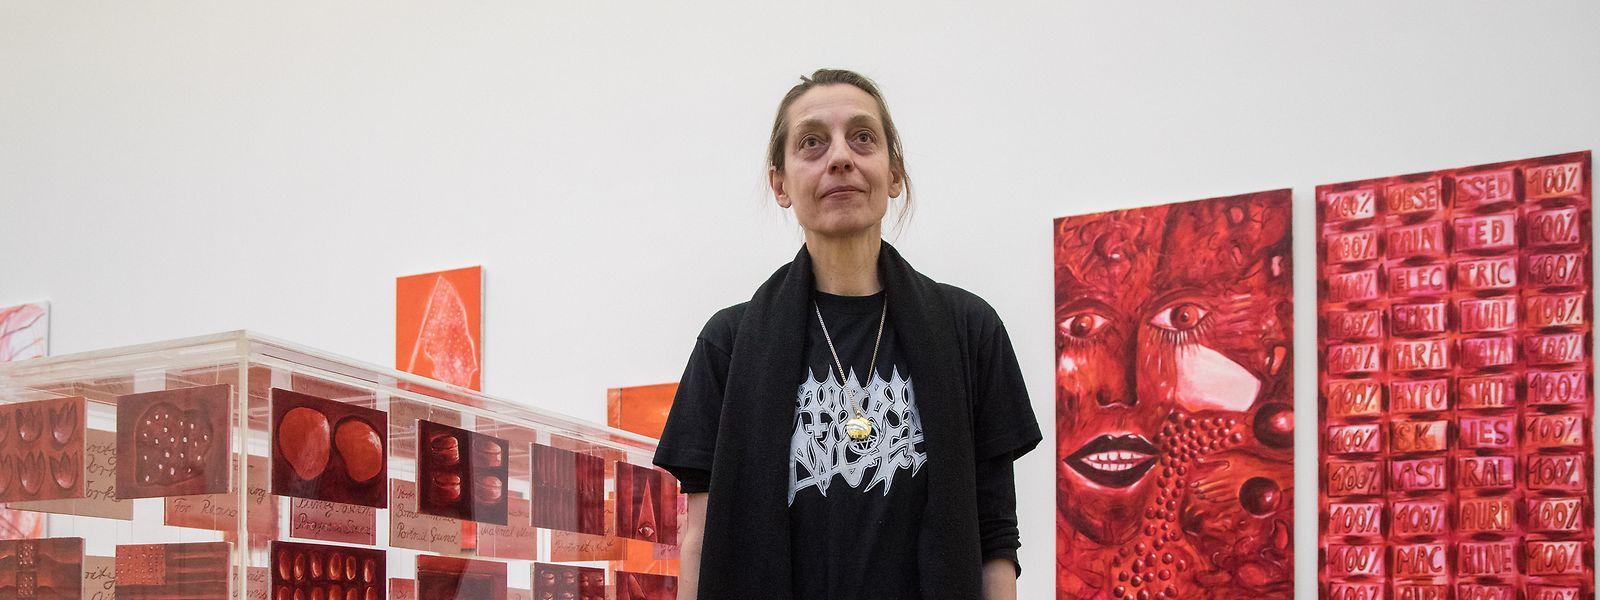 Jutta Koether, une artisteà l'écoute de son tempset de ses racines.